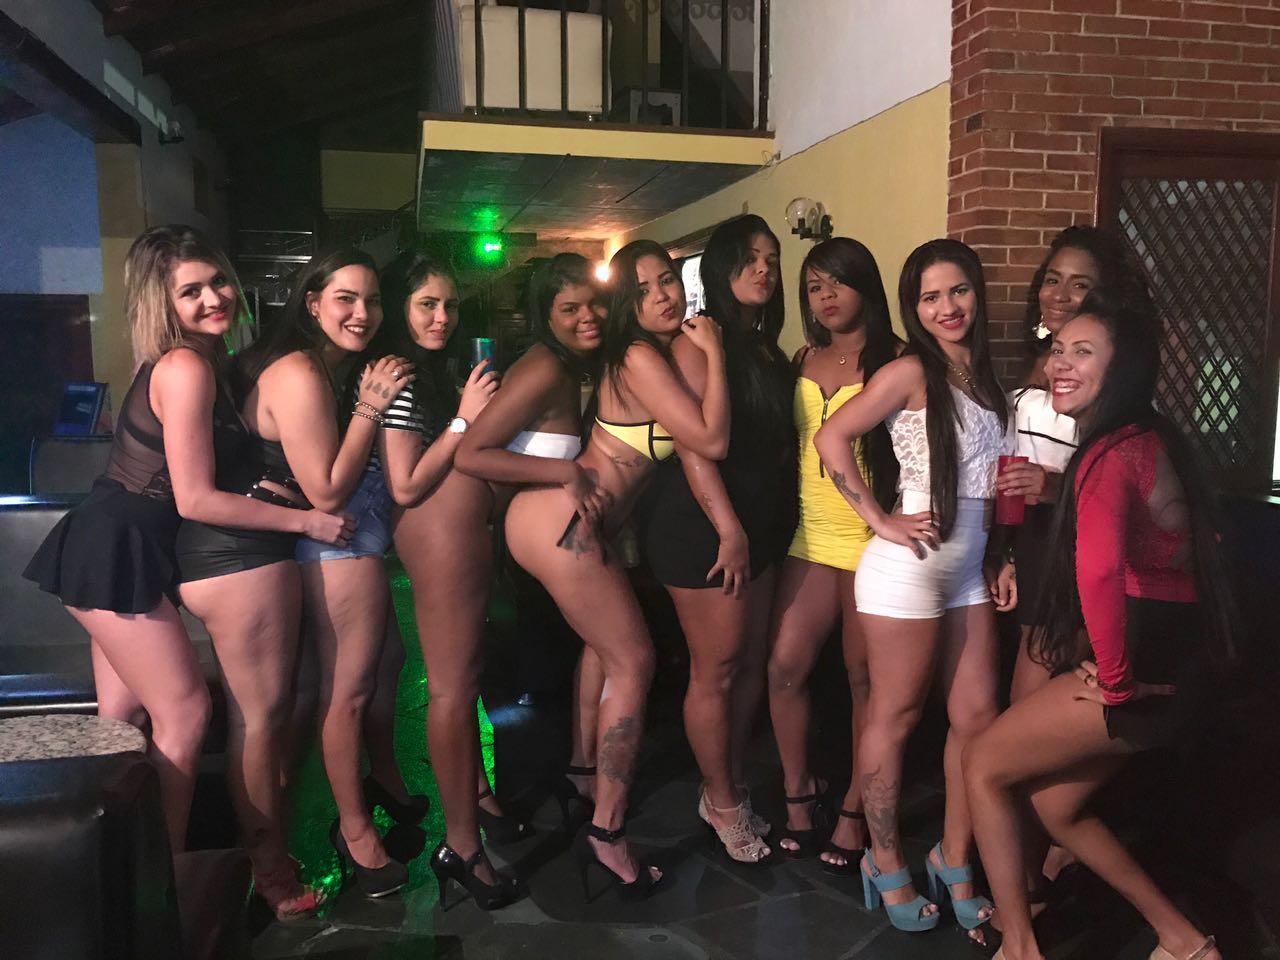 Festinha Das Putas De Luxo Gostosas Teve Ate Fotos Porno Gratis